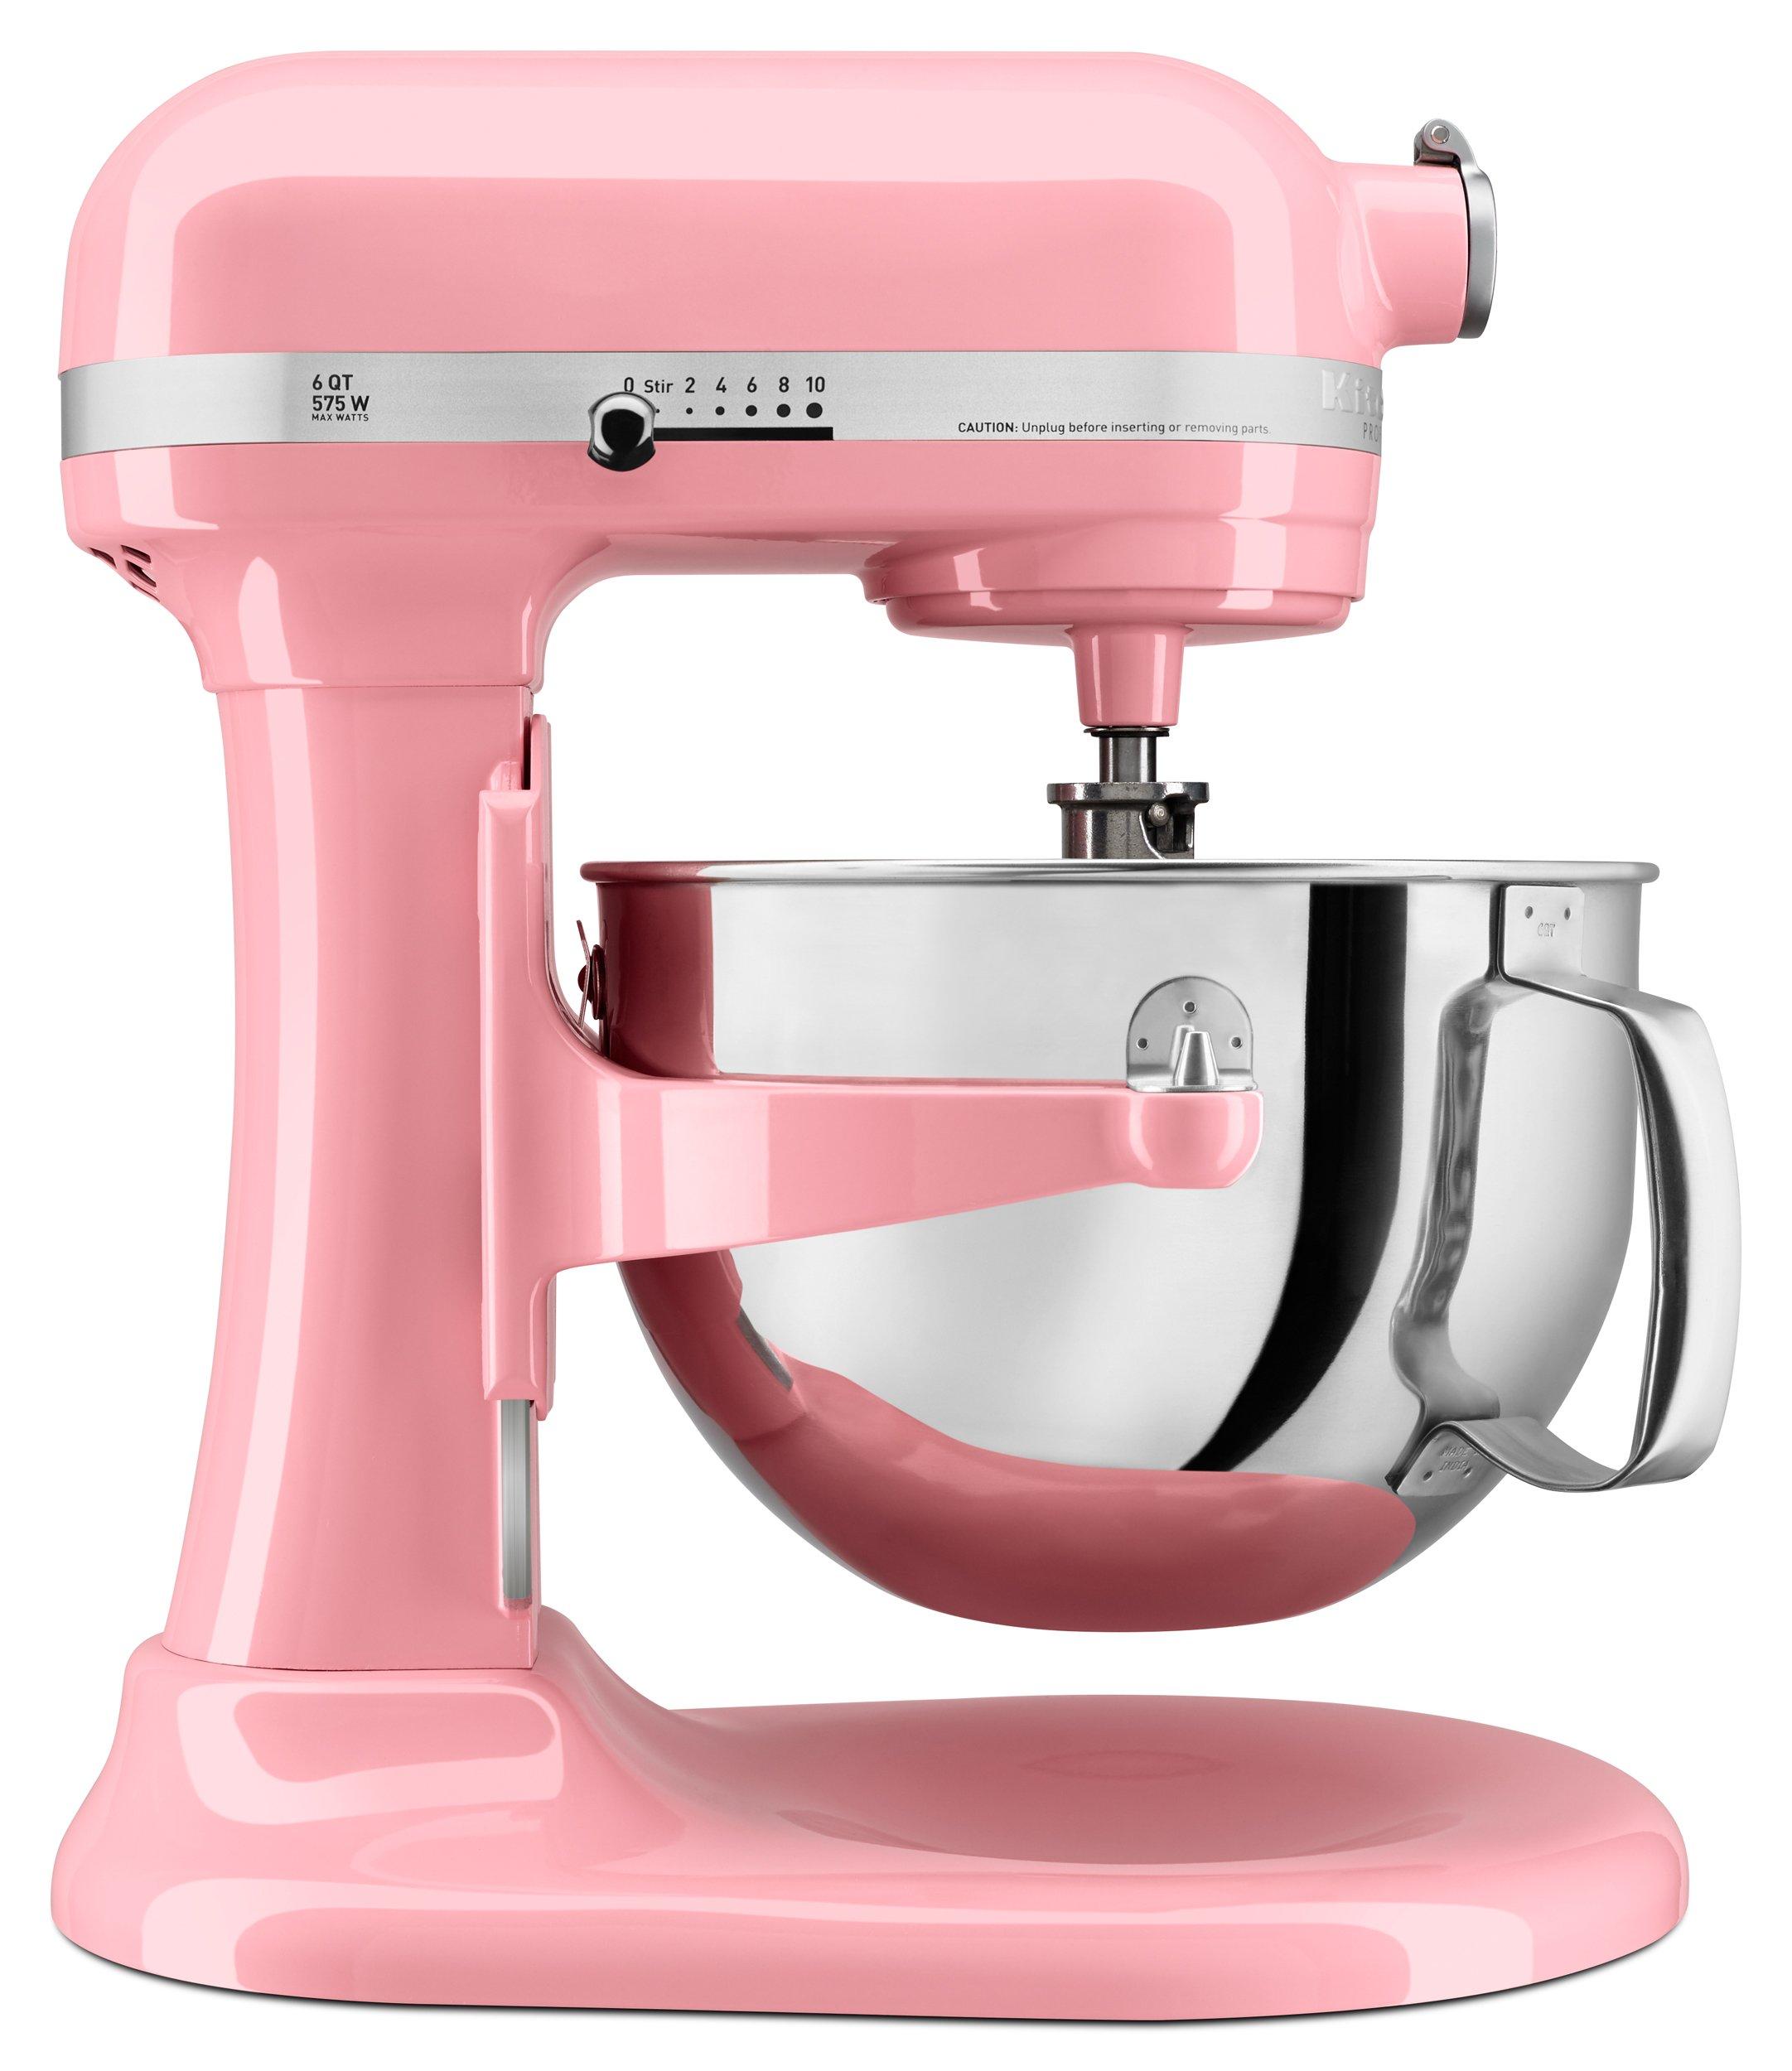 KitchenAid KP26M1XGU Professional 600 Series 6-Qt. Bowl-Lift Stand Mixer, Guava Glaze